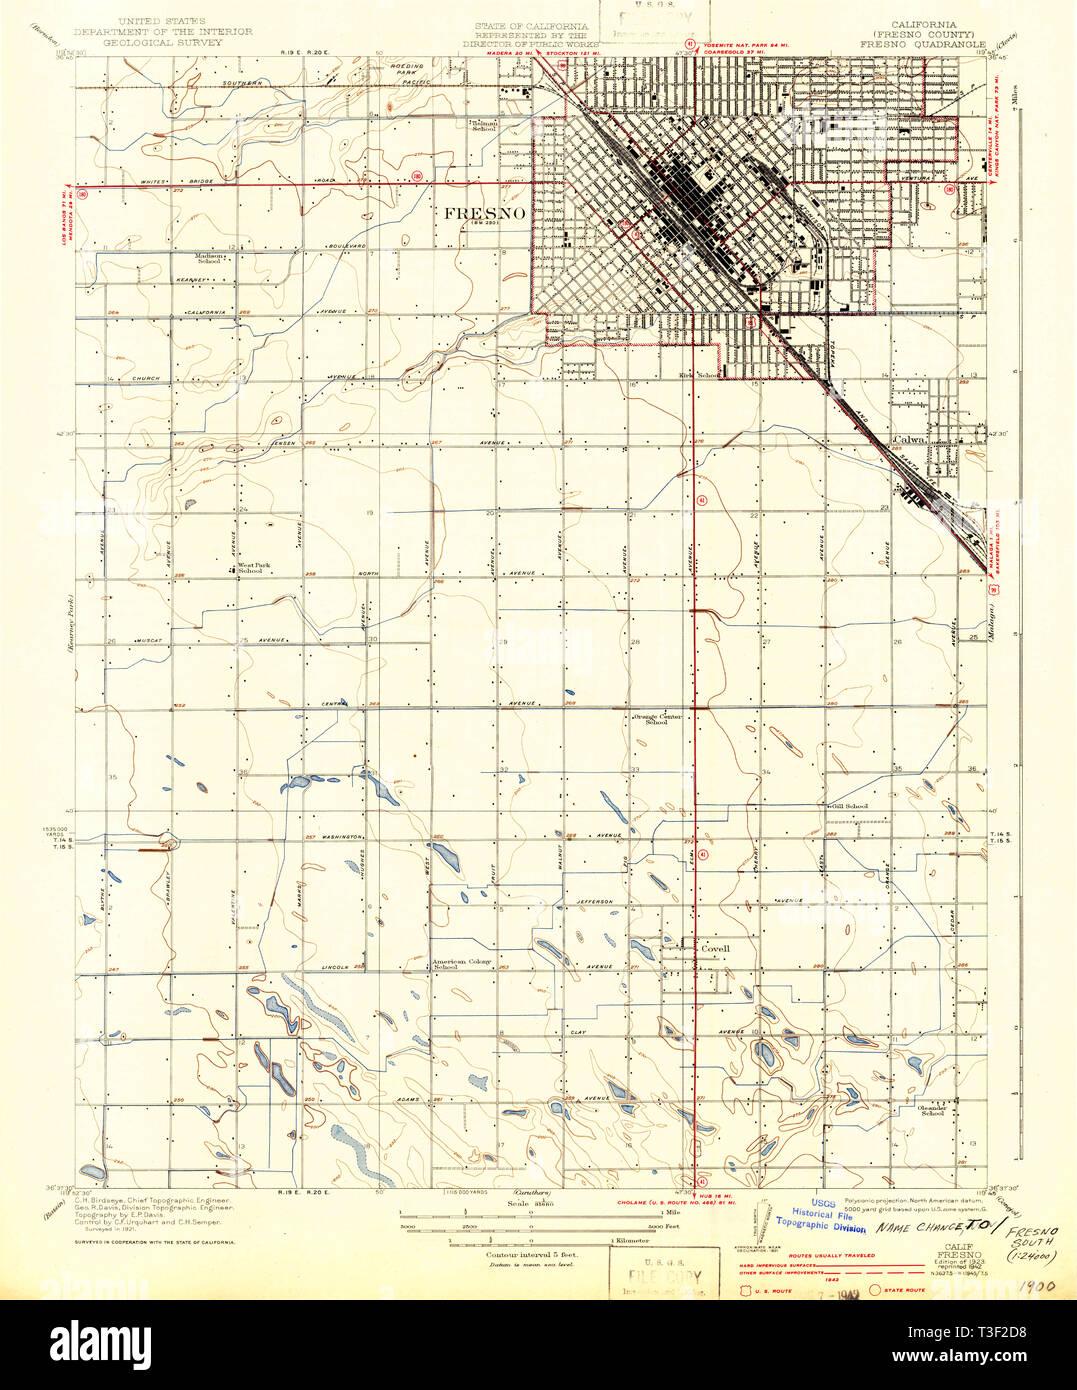 Map Of California Fresno.Usgs Topo Map California Ca Fresno 296106 1923 31680 Restoration